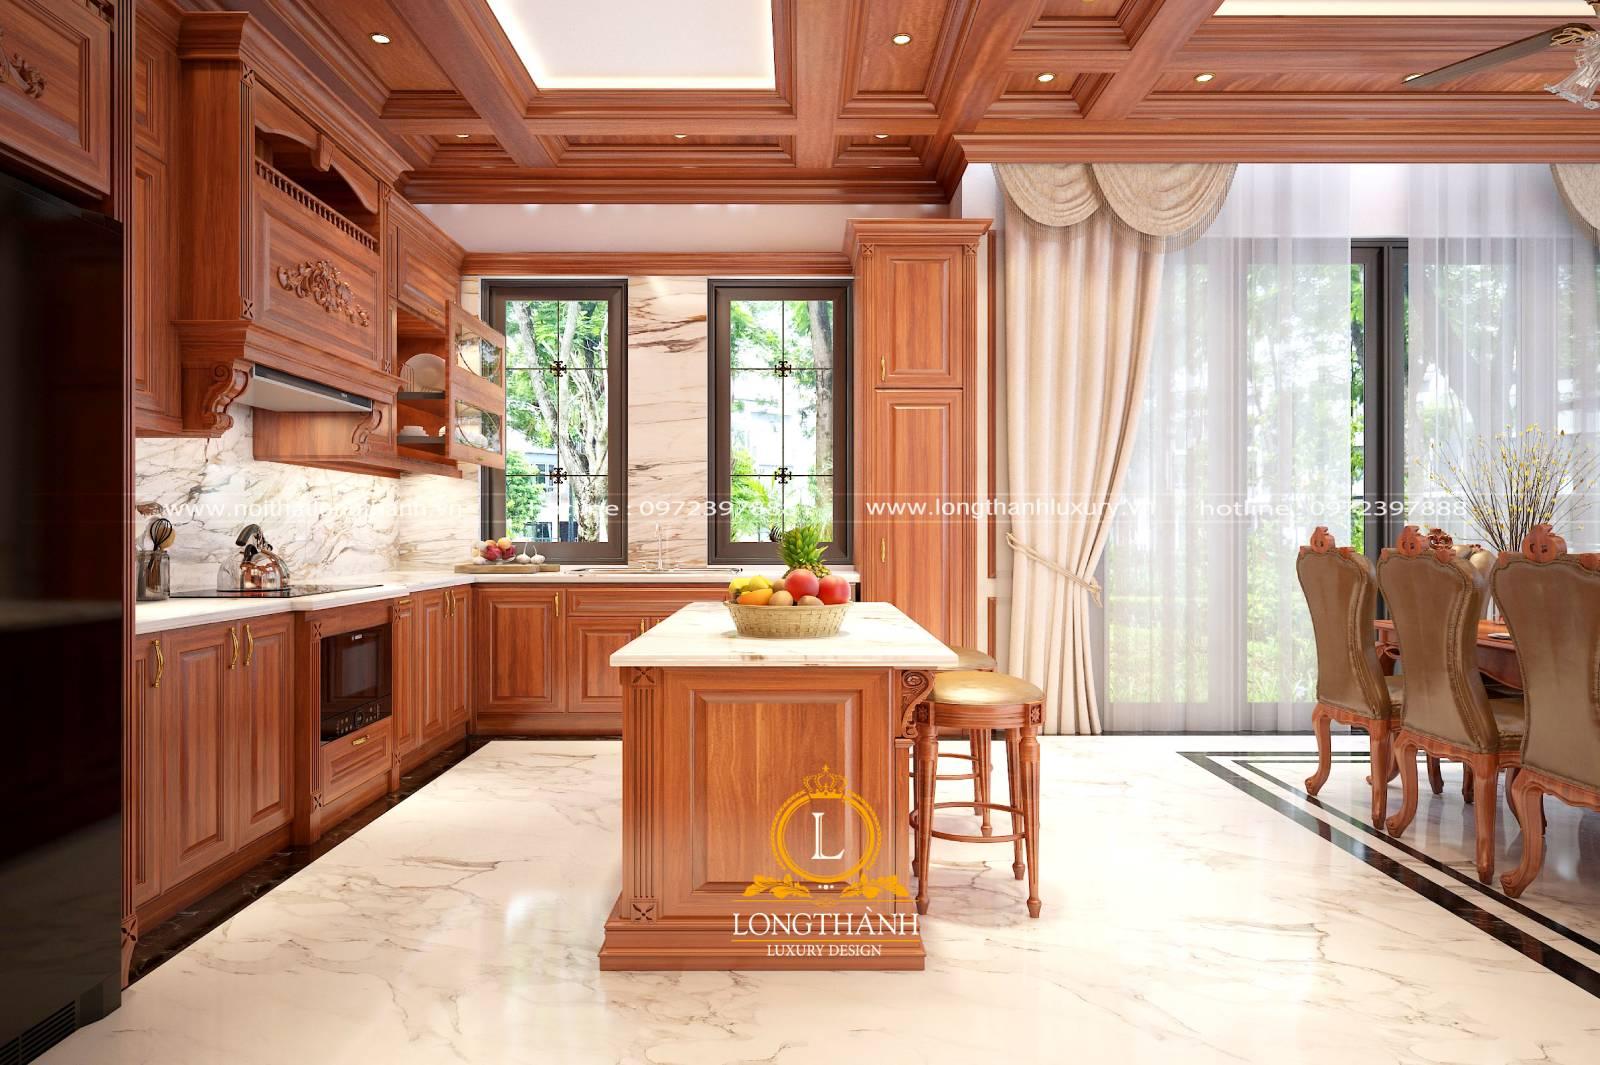 Tủ bếp gỗ Gõ cho nhà biệt thự nhìn từ cửa vào